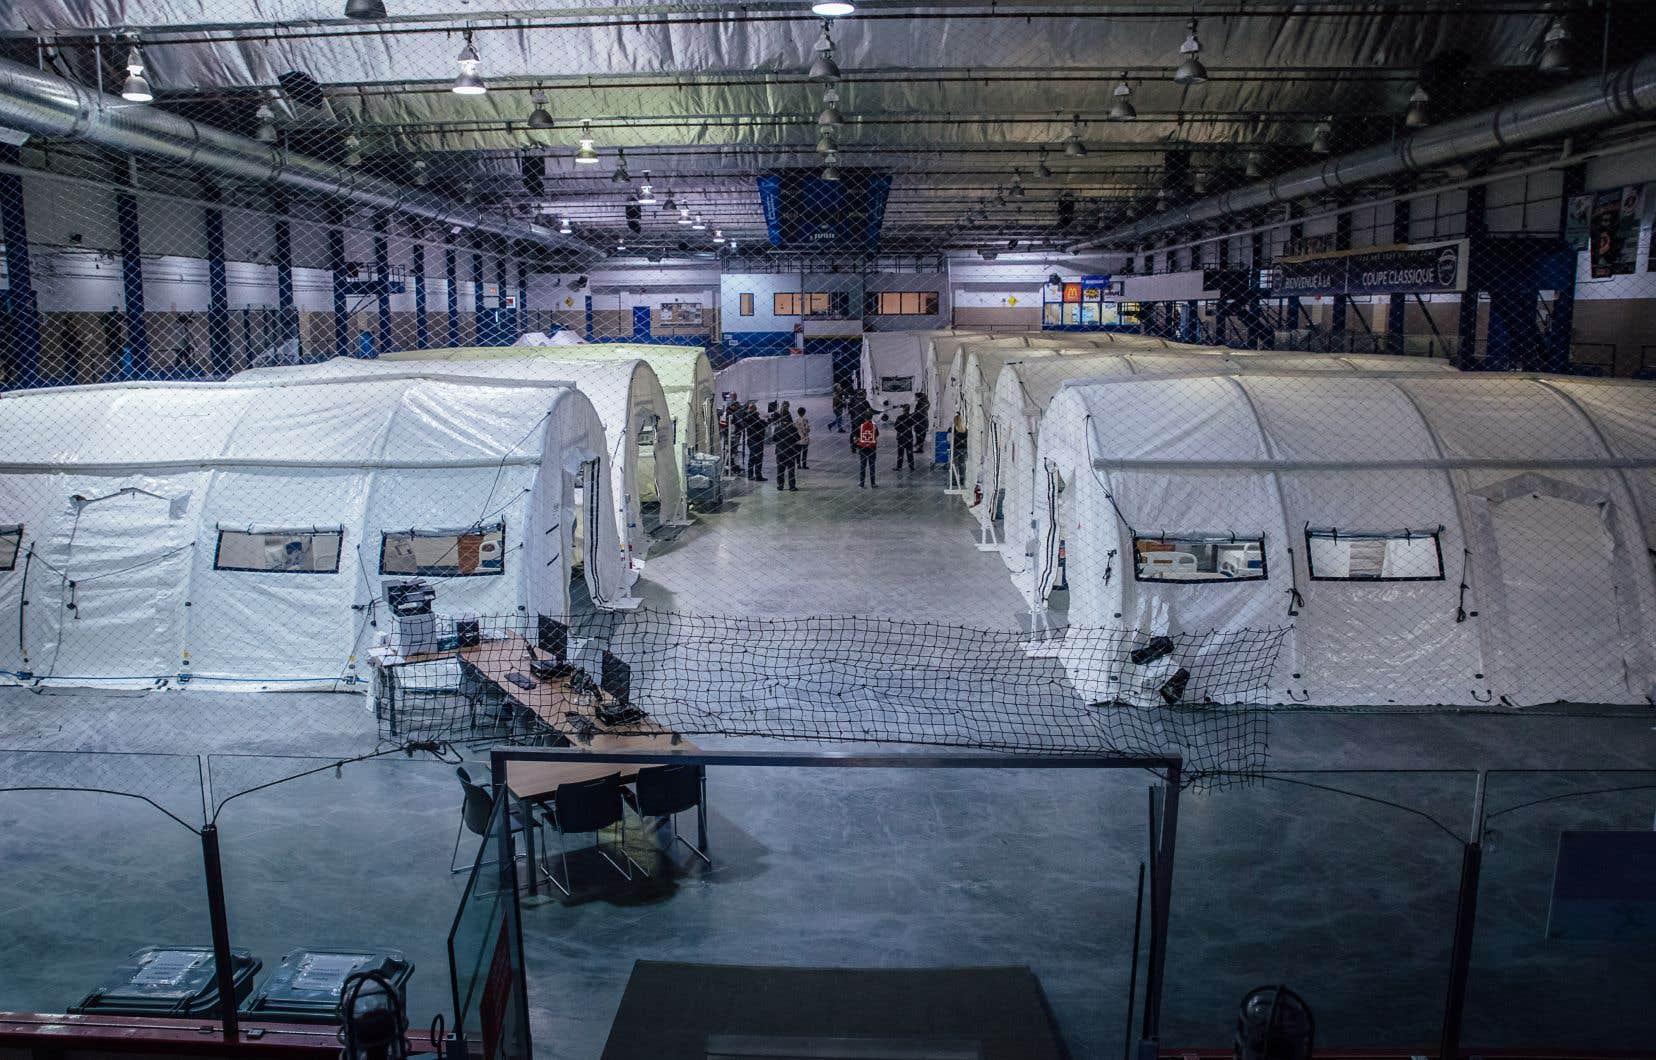 La Croix-Rouge a déployé une dizaine de tentes sur la surface de la patinoire de l'aréna Jacques-Lemaire, à Montréal. Les premiers patients doivent arriver à compter de lundi.